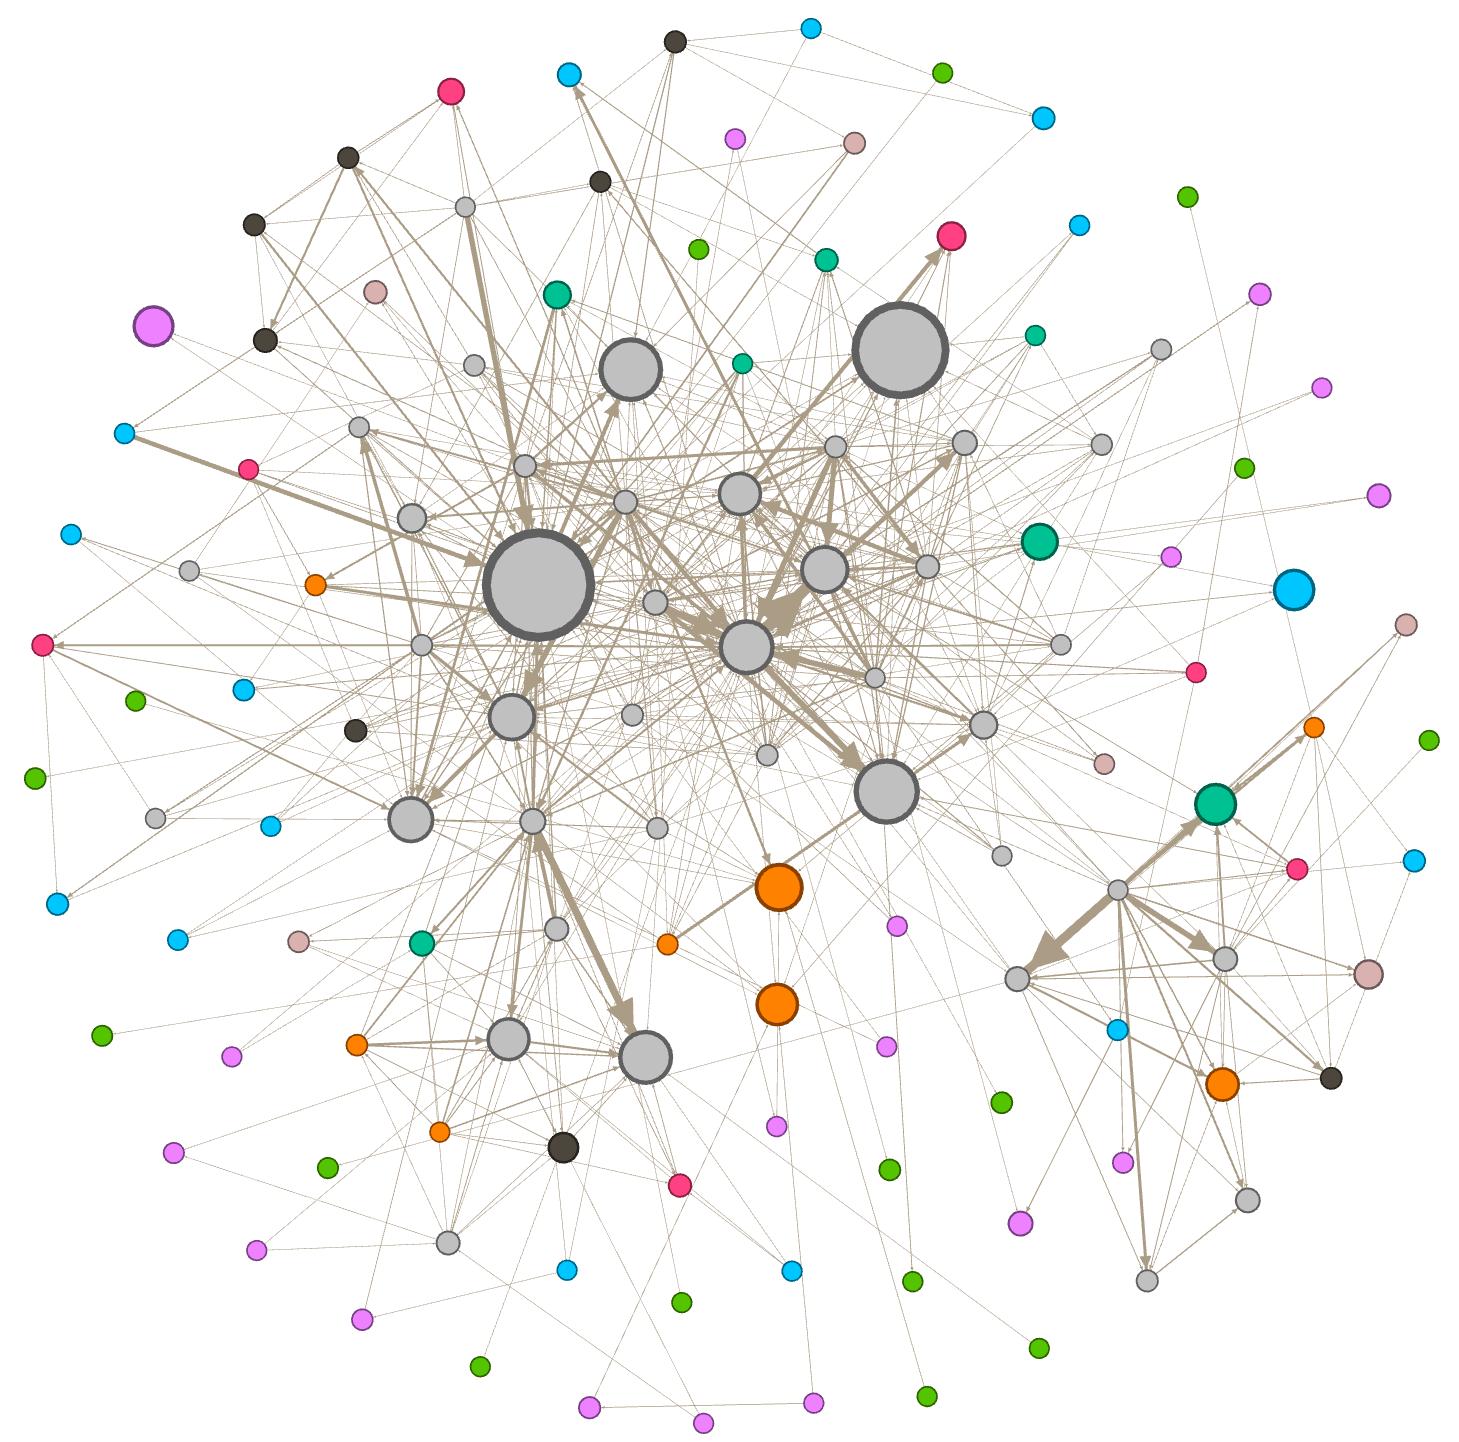 Metricas de Centralidad representada en un Grafo